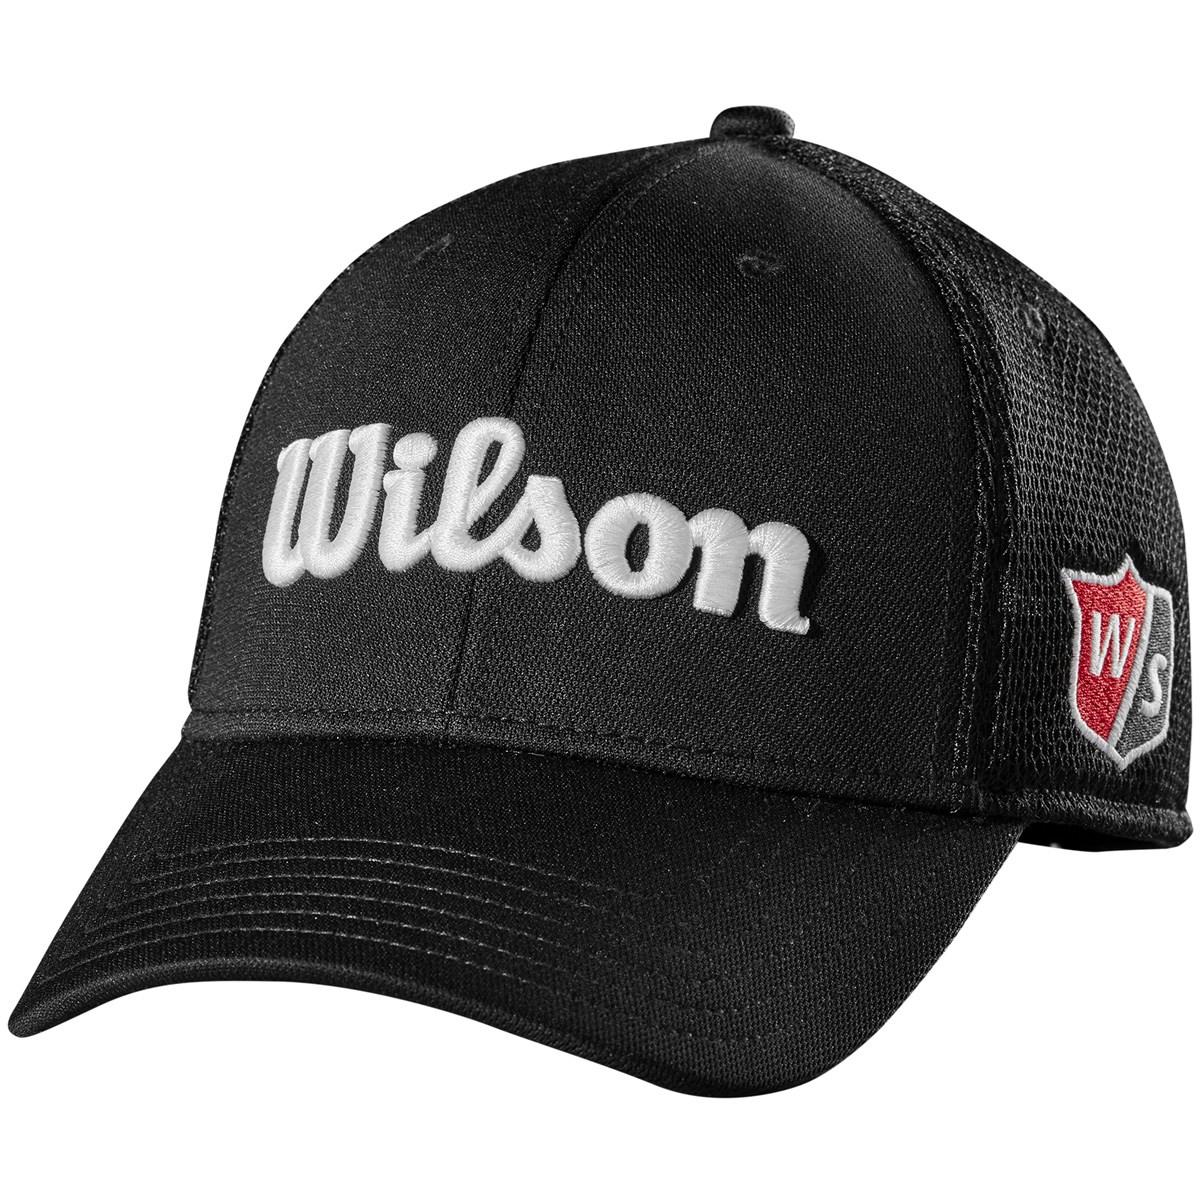 ウイルソン(wilson) TOUR メッシュキャップ